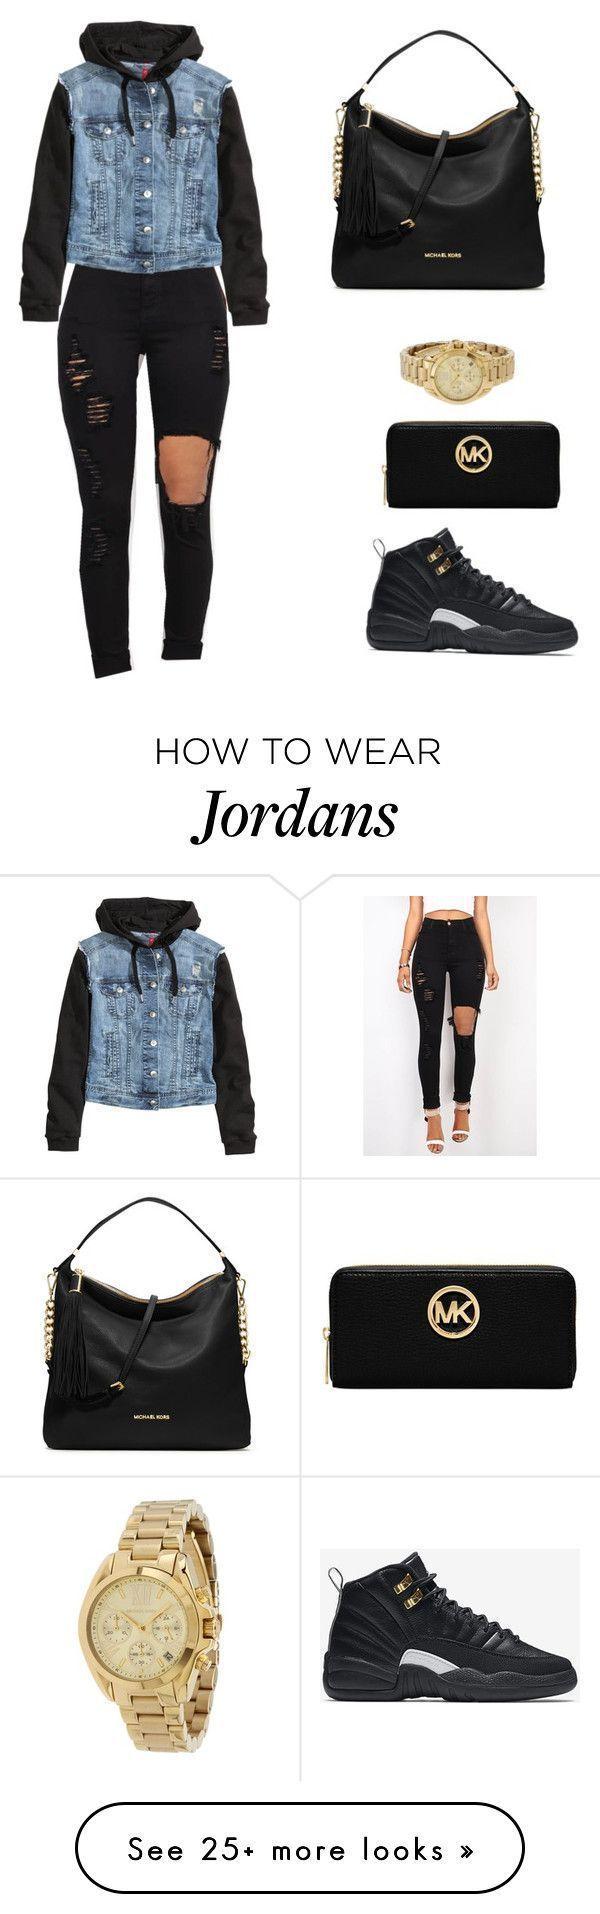 cool Jordans Shoes Sets - Fashion